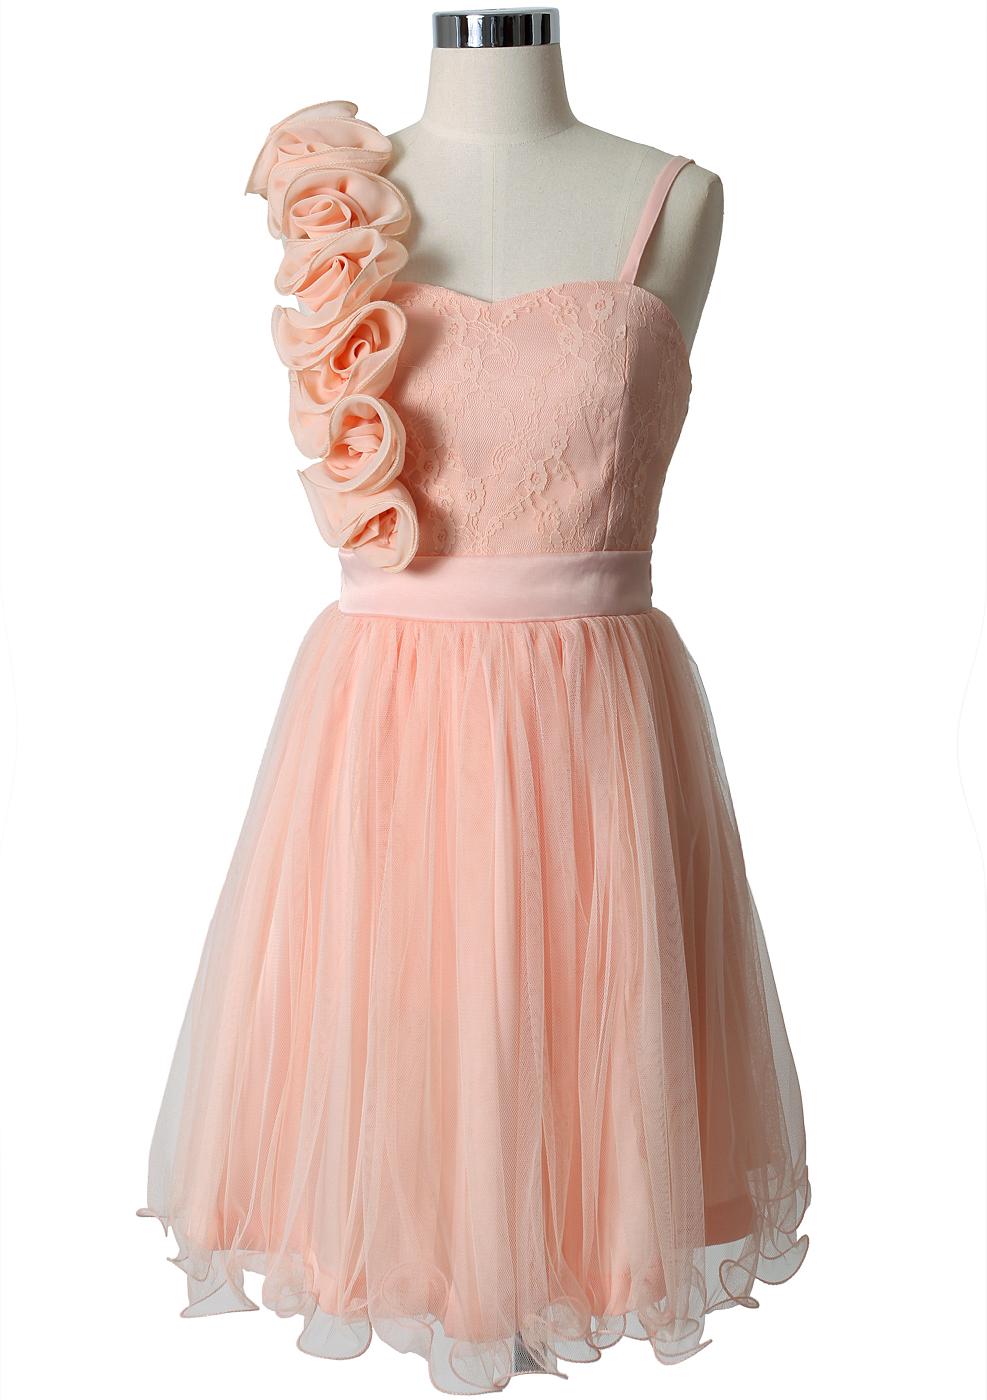 3D Flower Fluted Hemline Tulle Dress in Peach